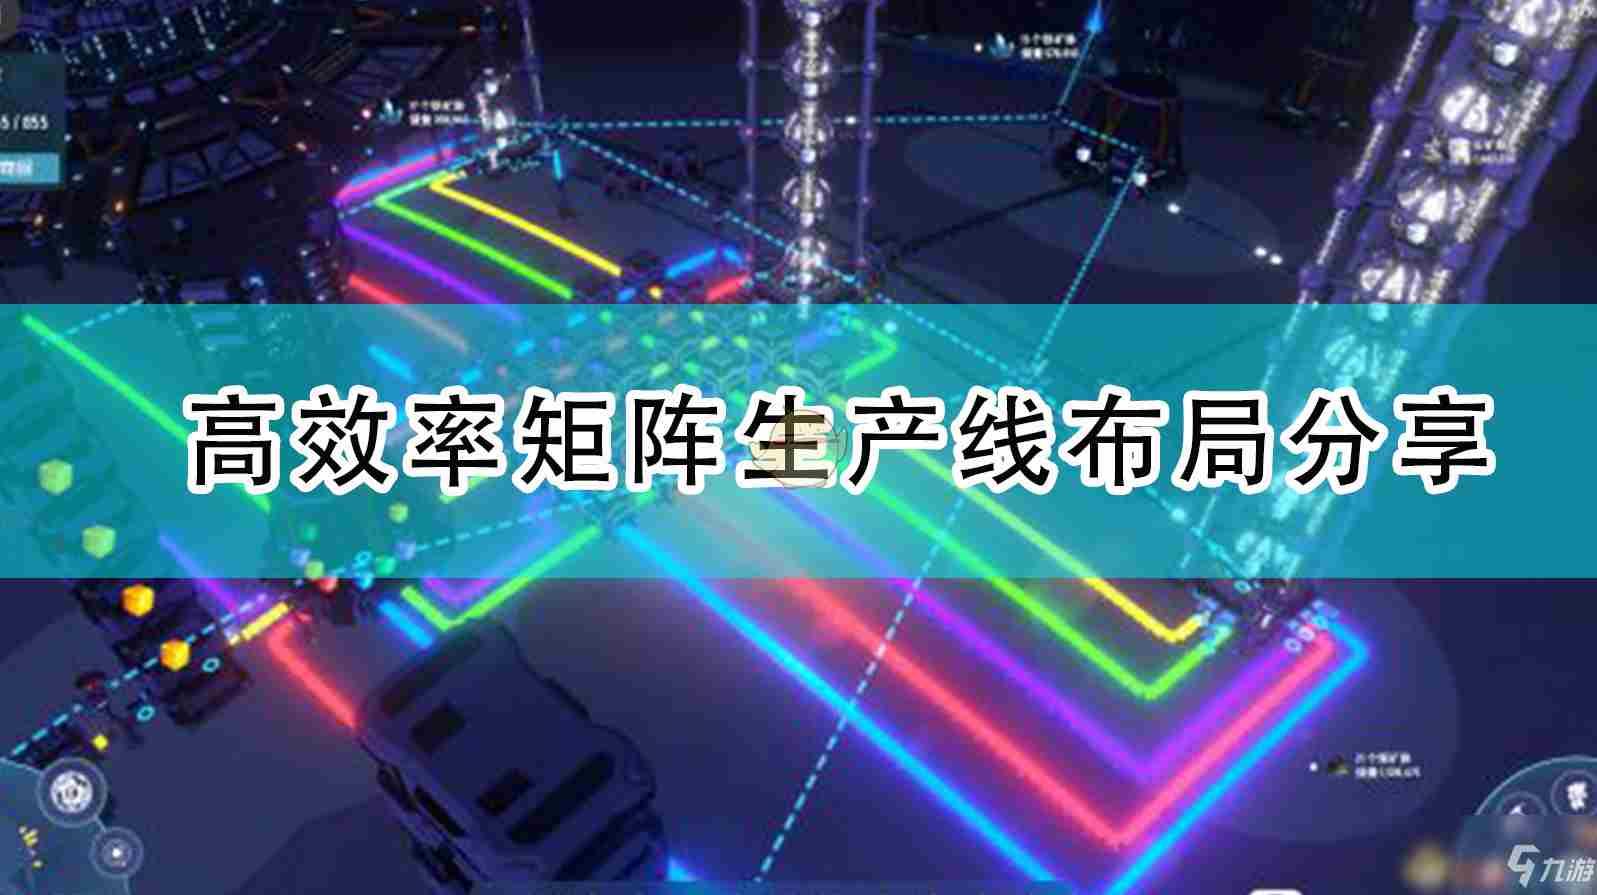 《戴森球计划》高效率矩阵攻略 生产线布局介绍